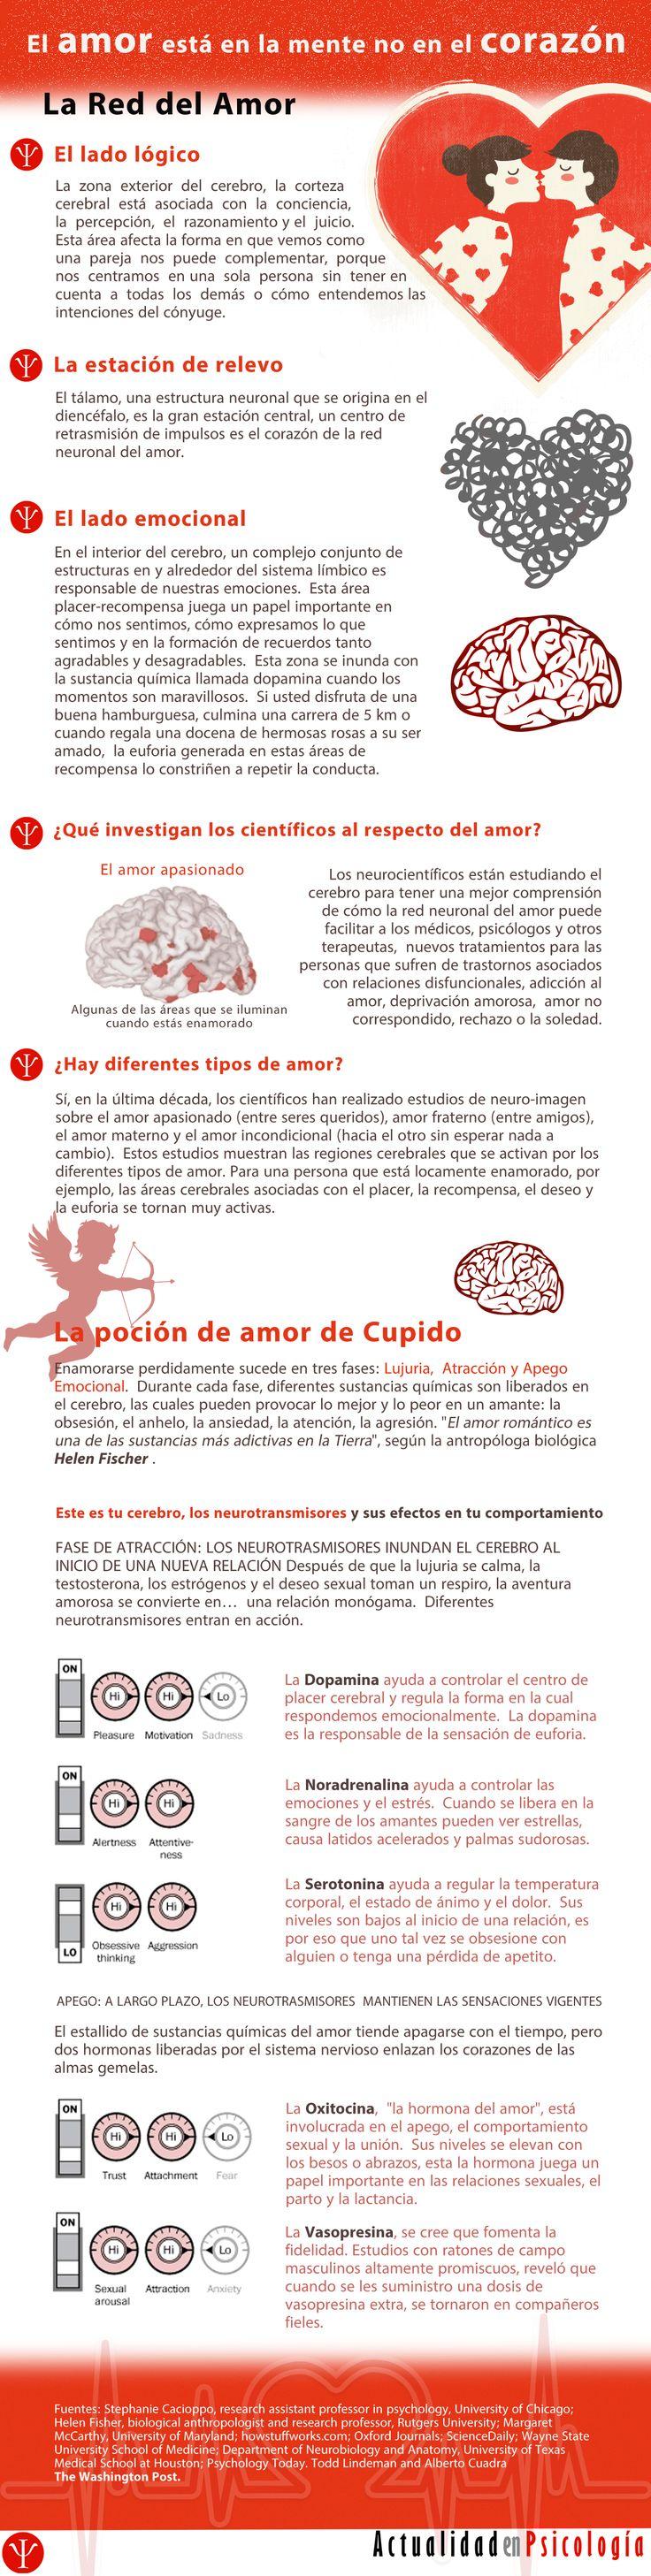 """Después de casi 400 años que William Shakespeare se preguntará """"¿Que es el amor?"""", los estudios con neuroimagenes están permitiendo a los científicos dar al menos una respuesta parcial al respecto. En ocasión del 14 de febrero, día de la tradicional celebración del... #amor #cerebro #infografía"""